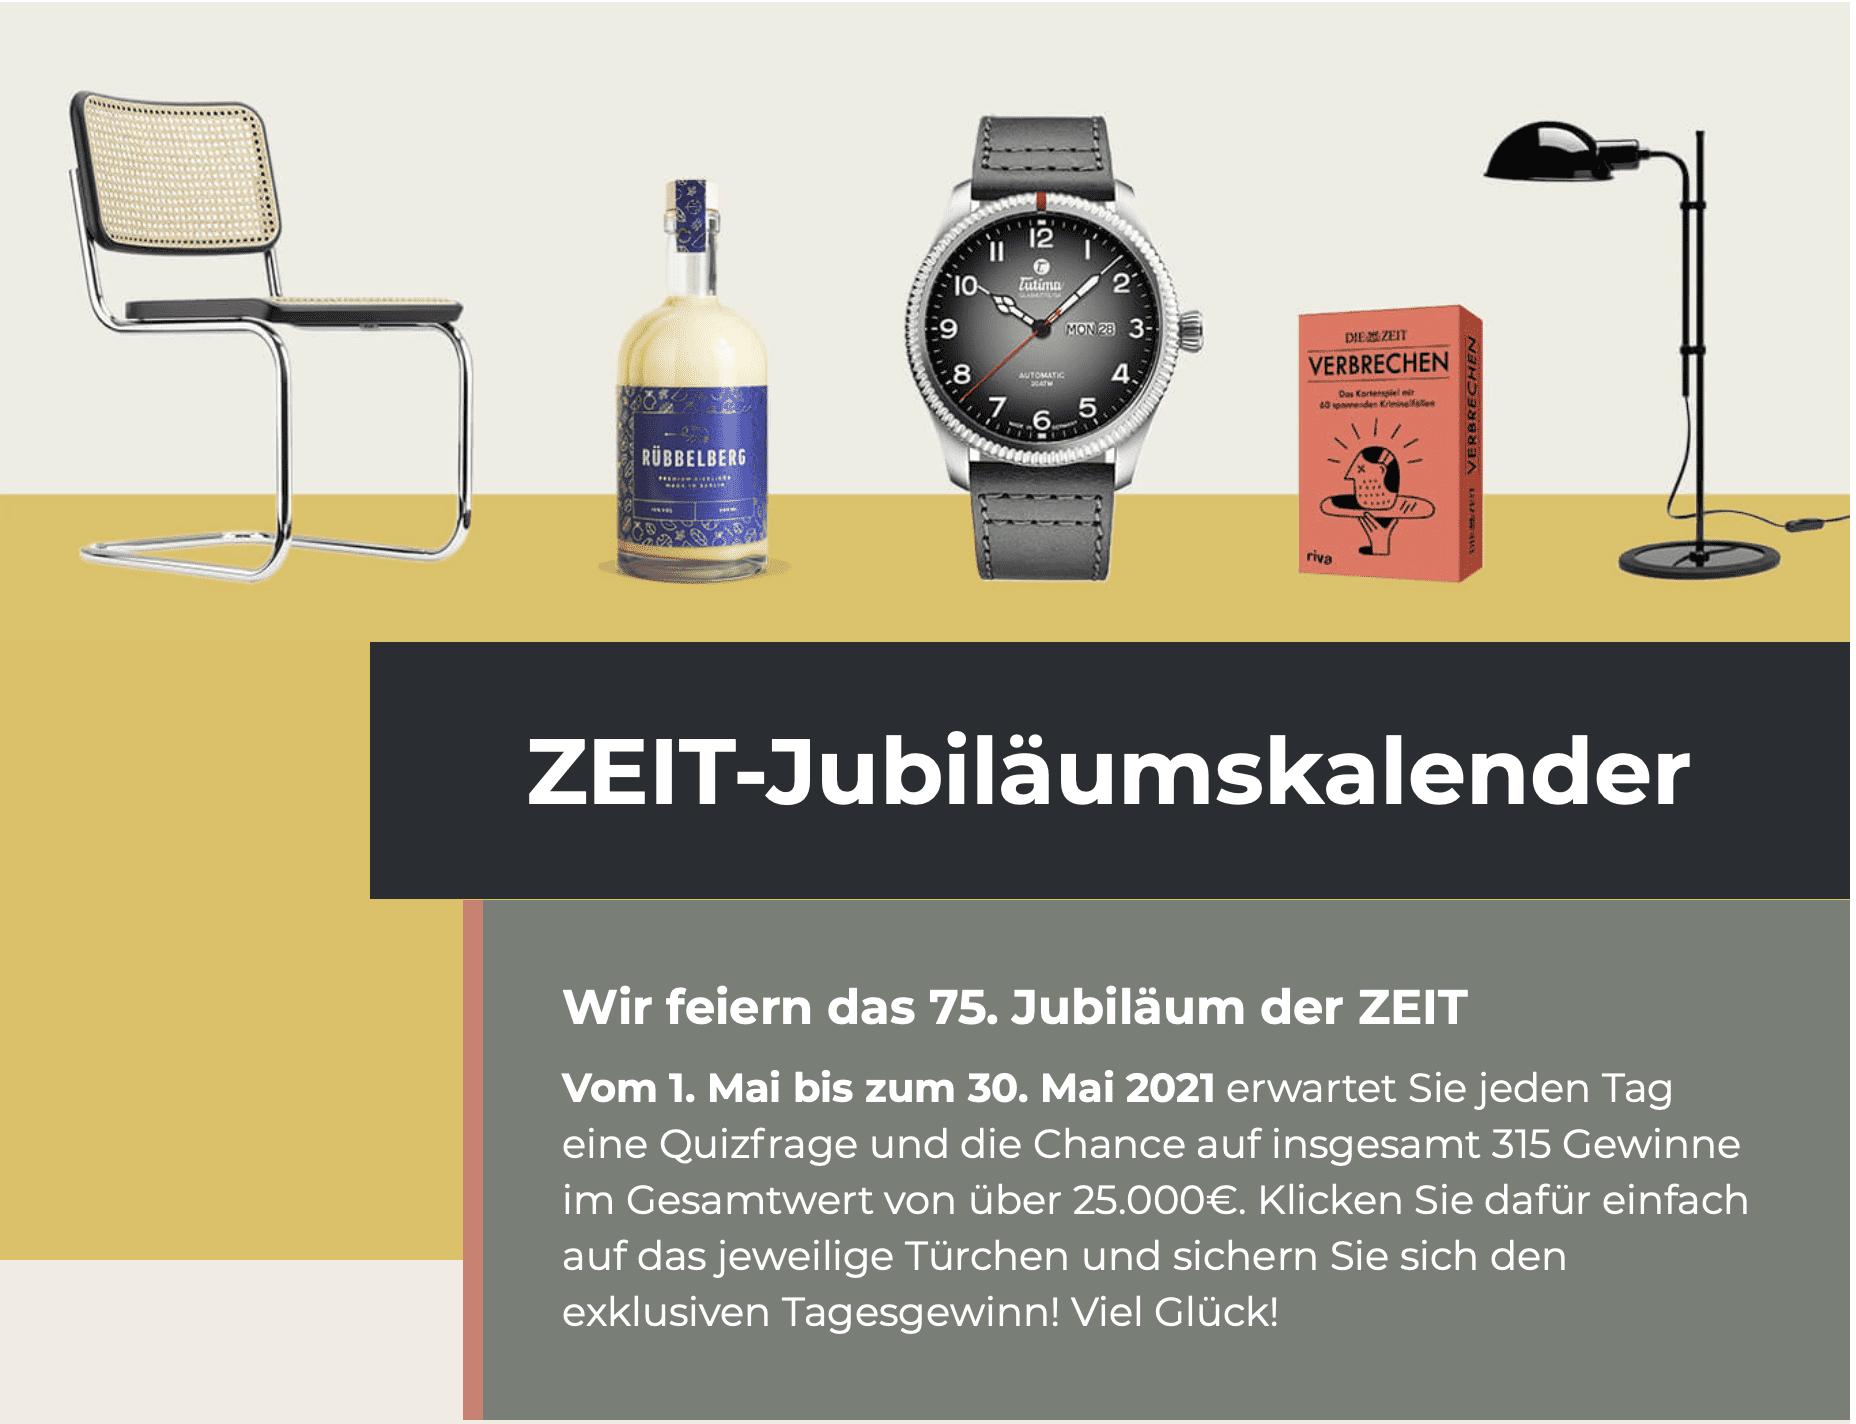 Gewinnspiel-Case Verlage Die Zeit